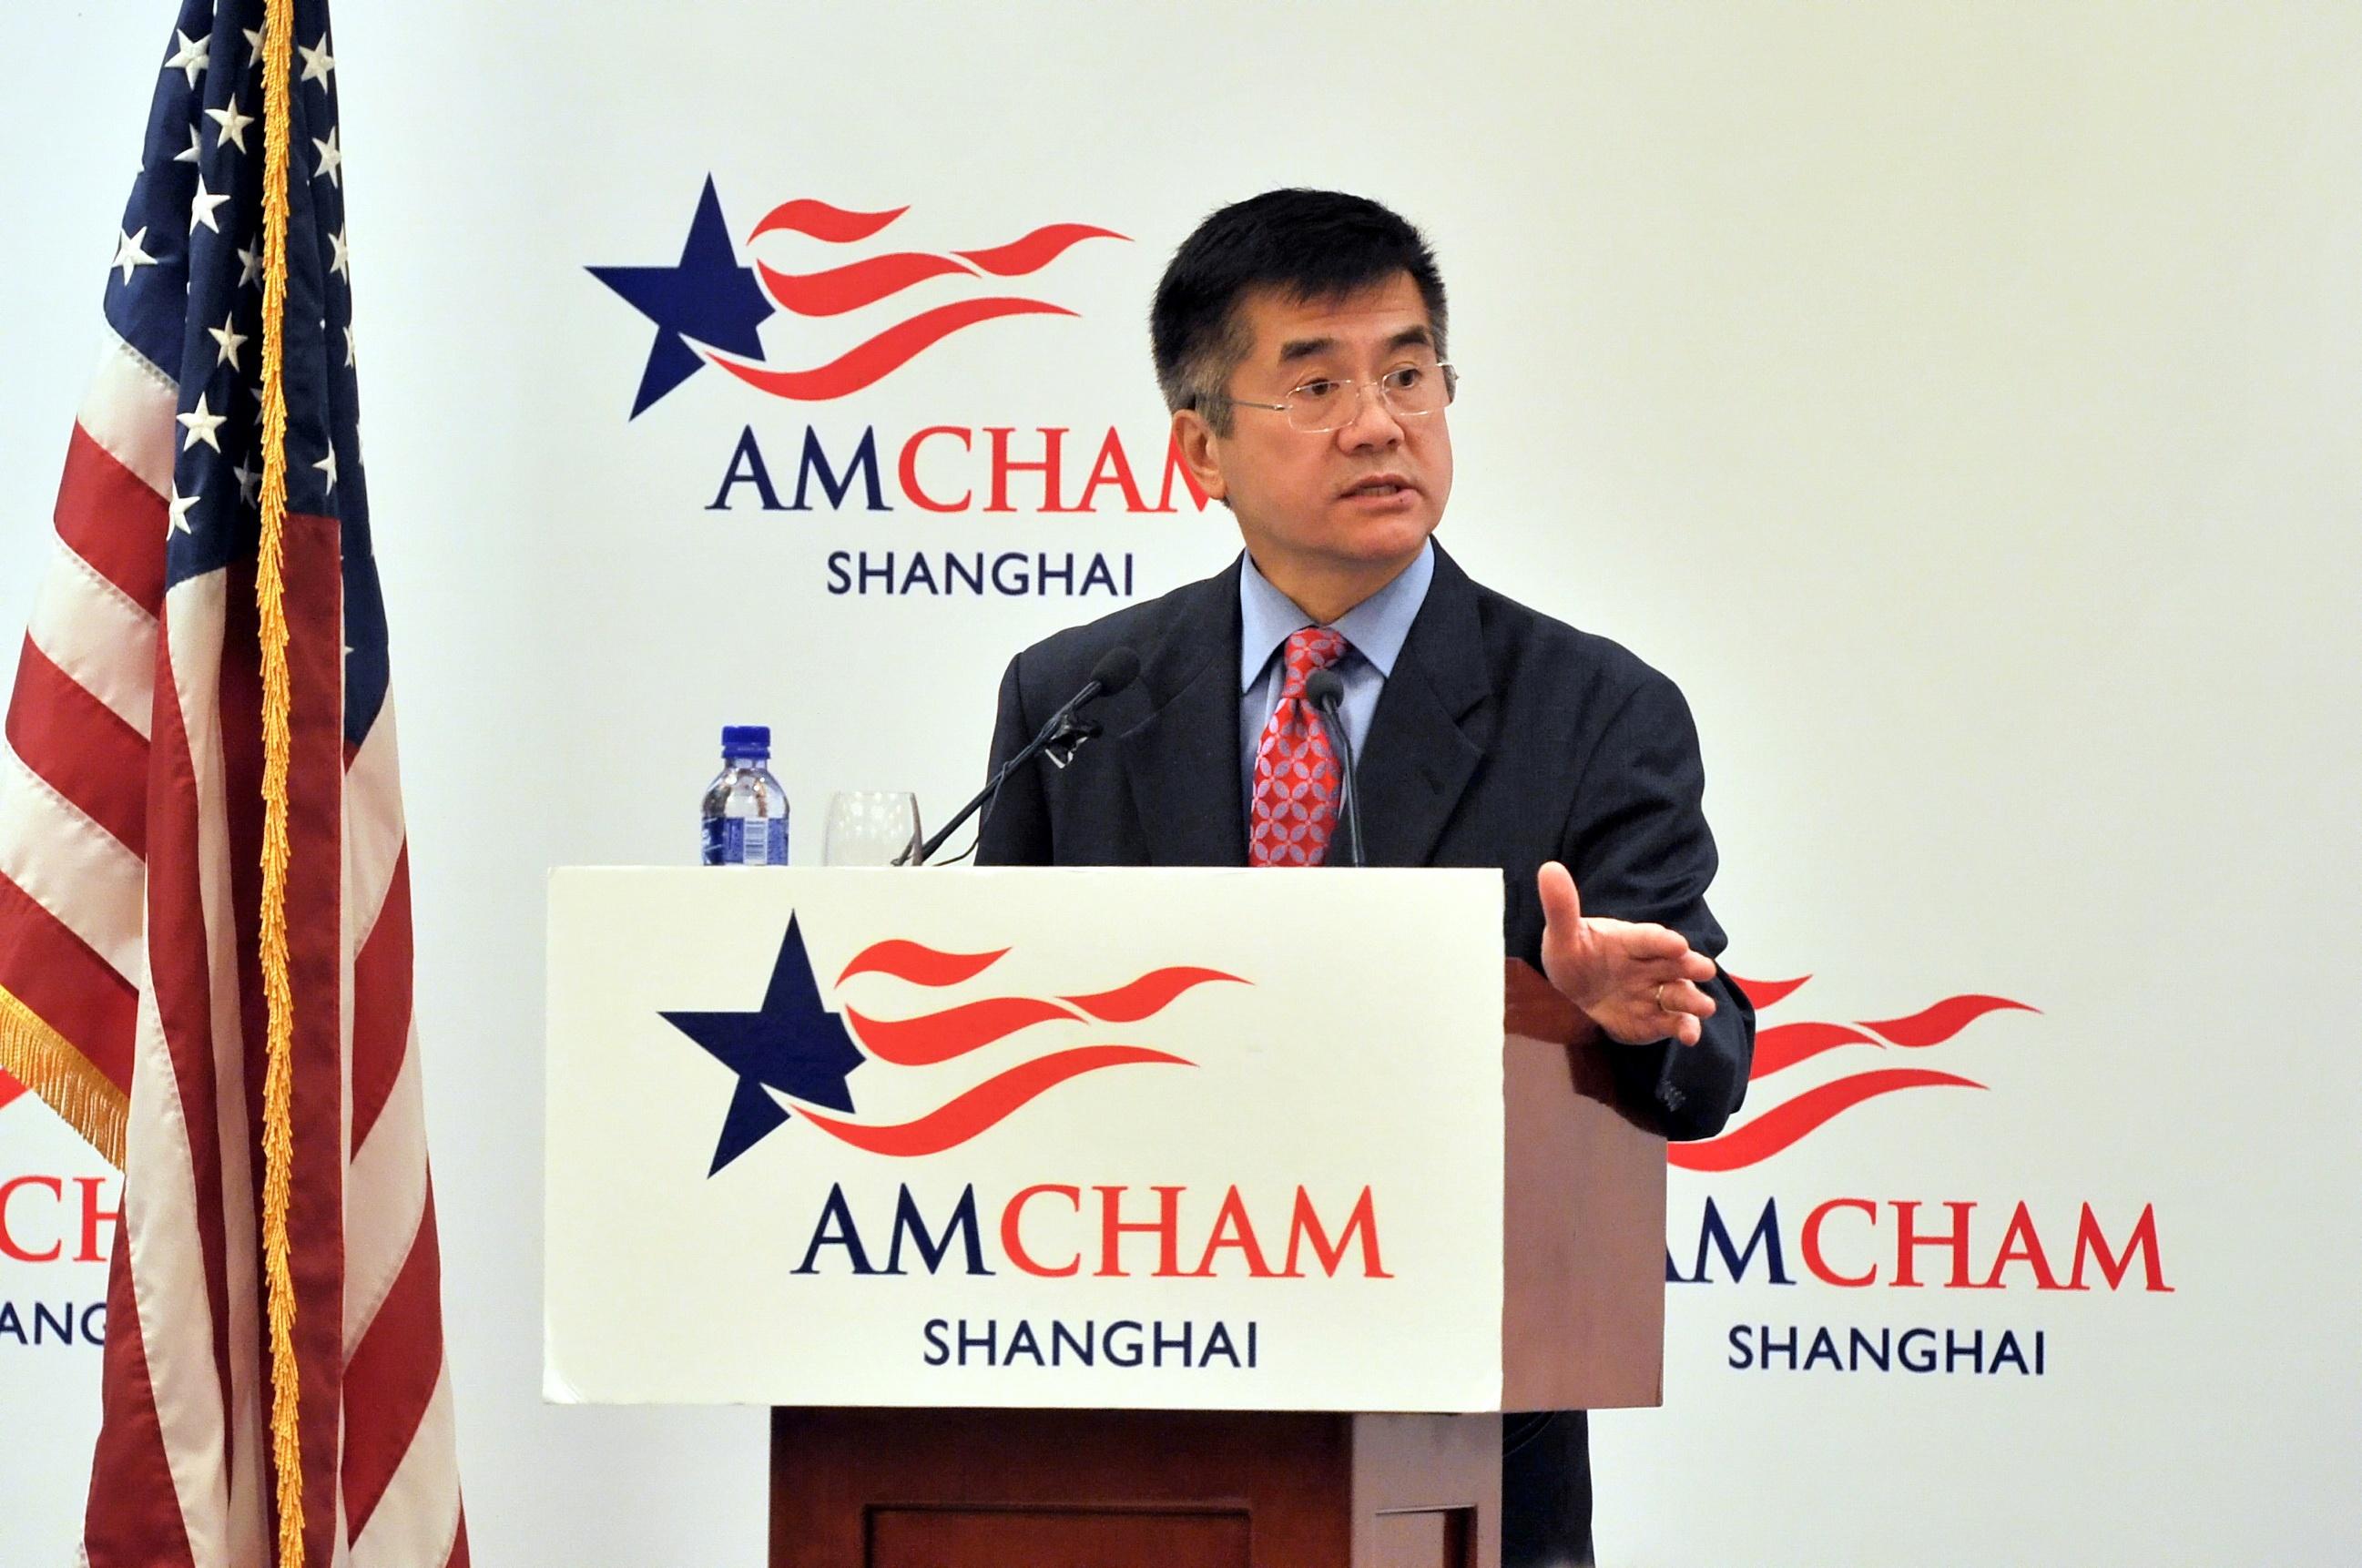 amcham_china_2011.jpg